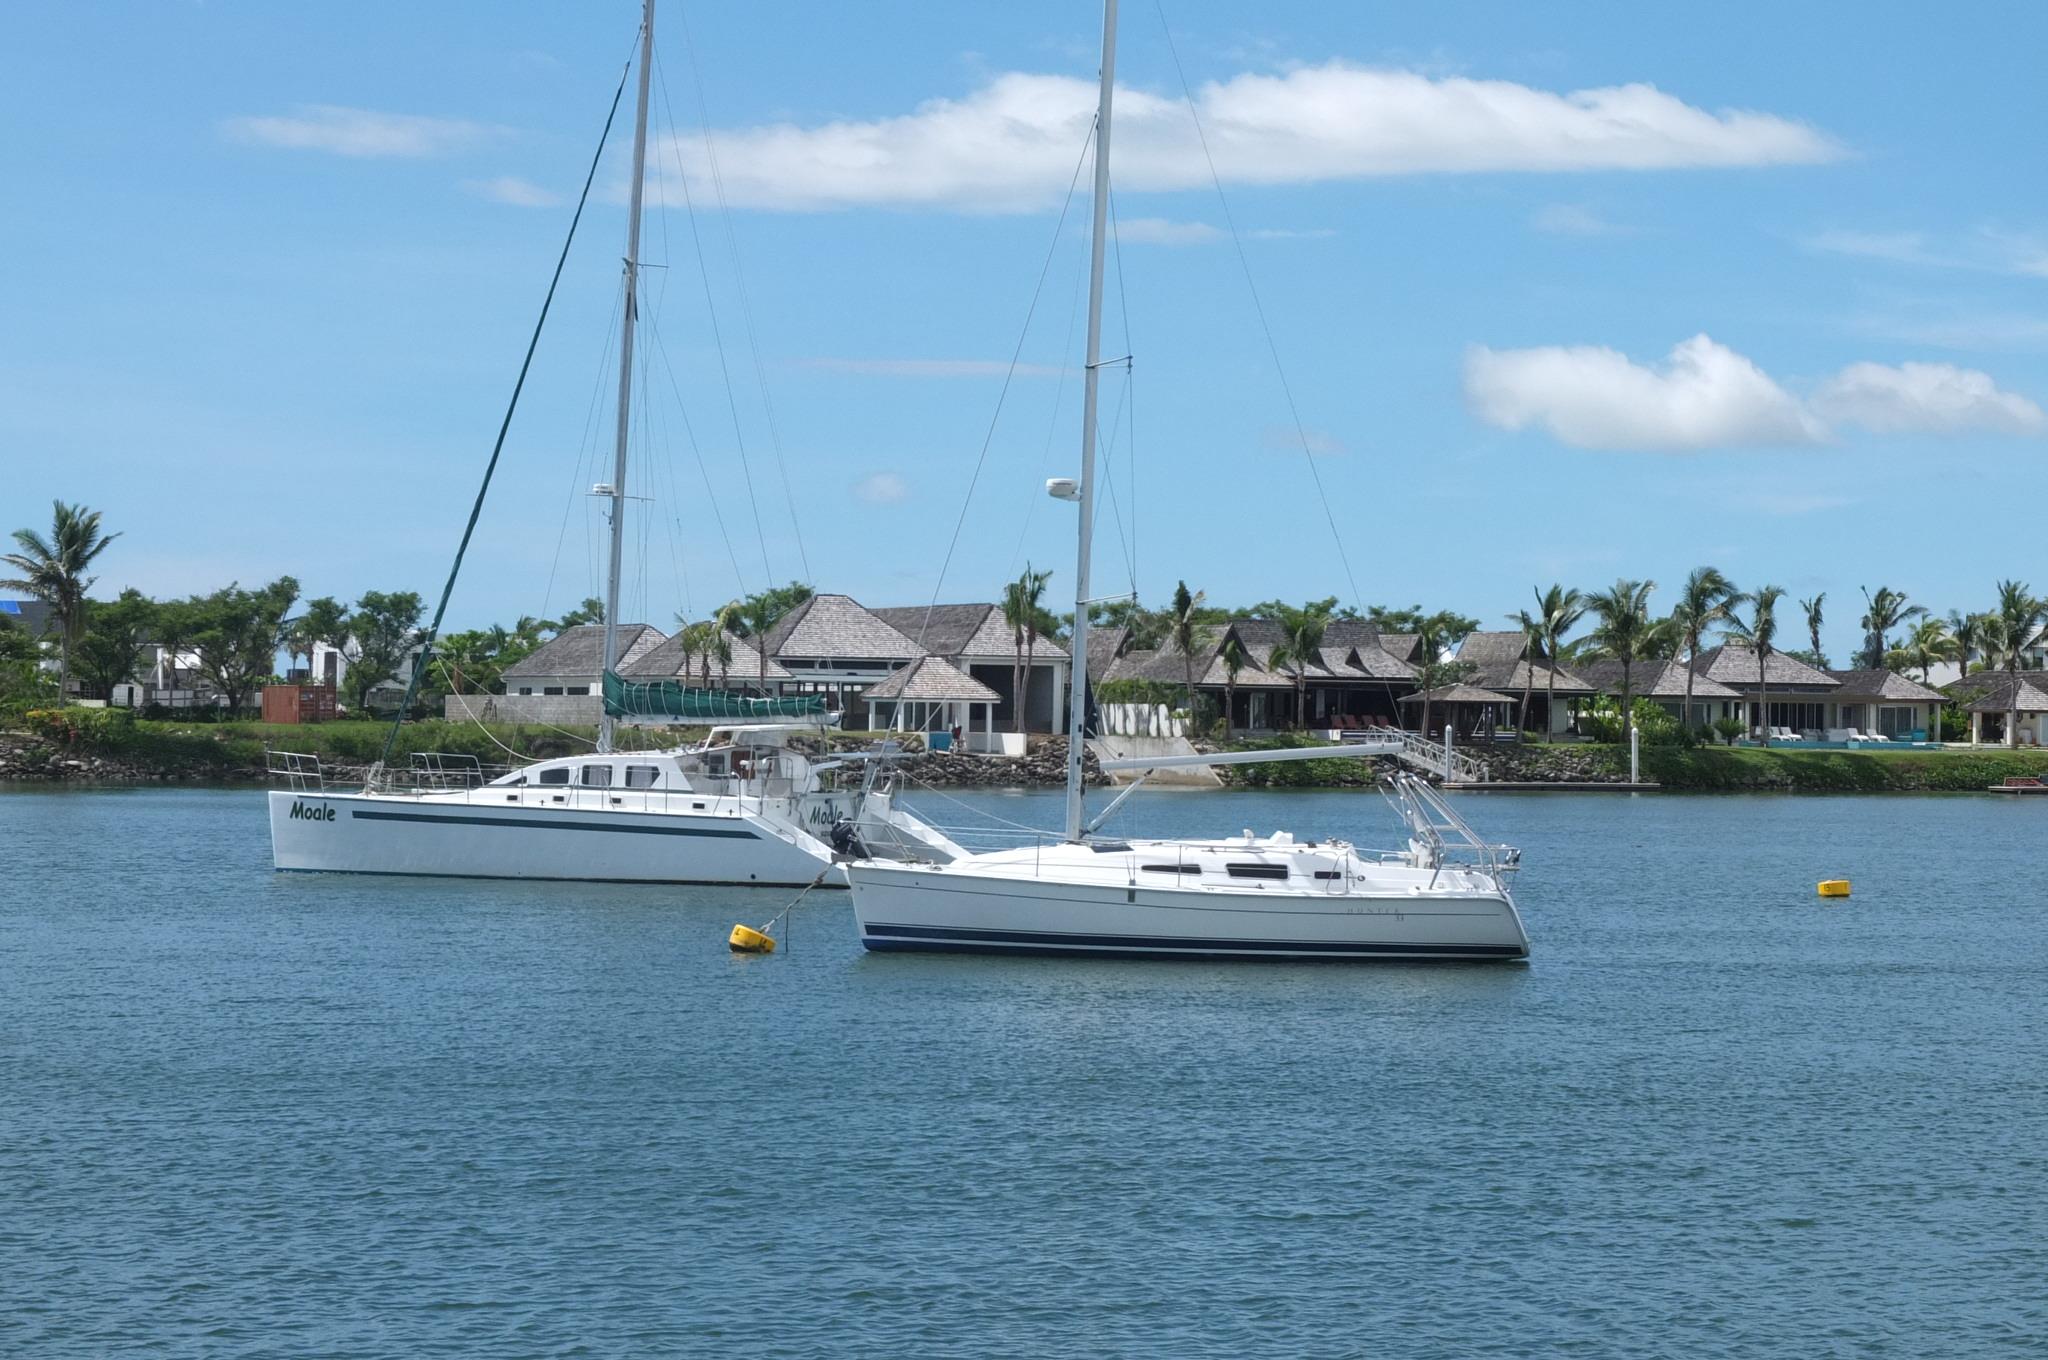 The Marina near Sofitel